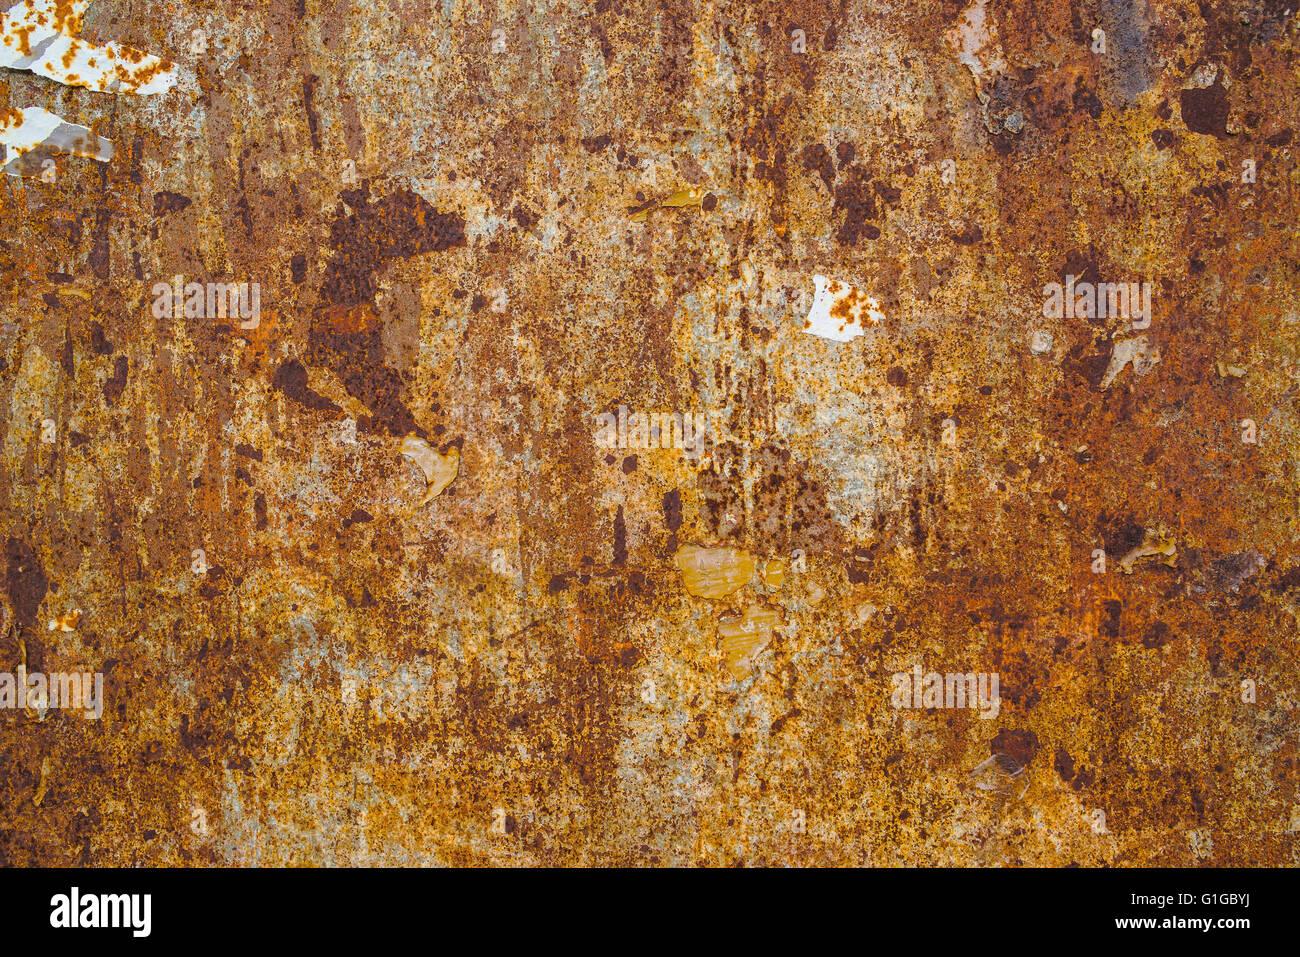 Korrosion-Textur, Stahl Platte Oberfläche, detaillierte Struktur des alten rostigen Schrott Stockbild